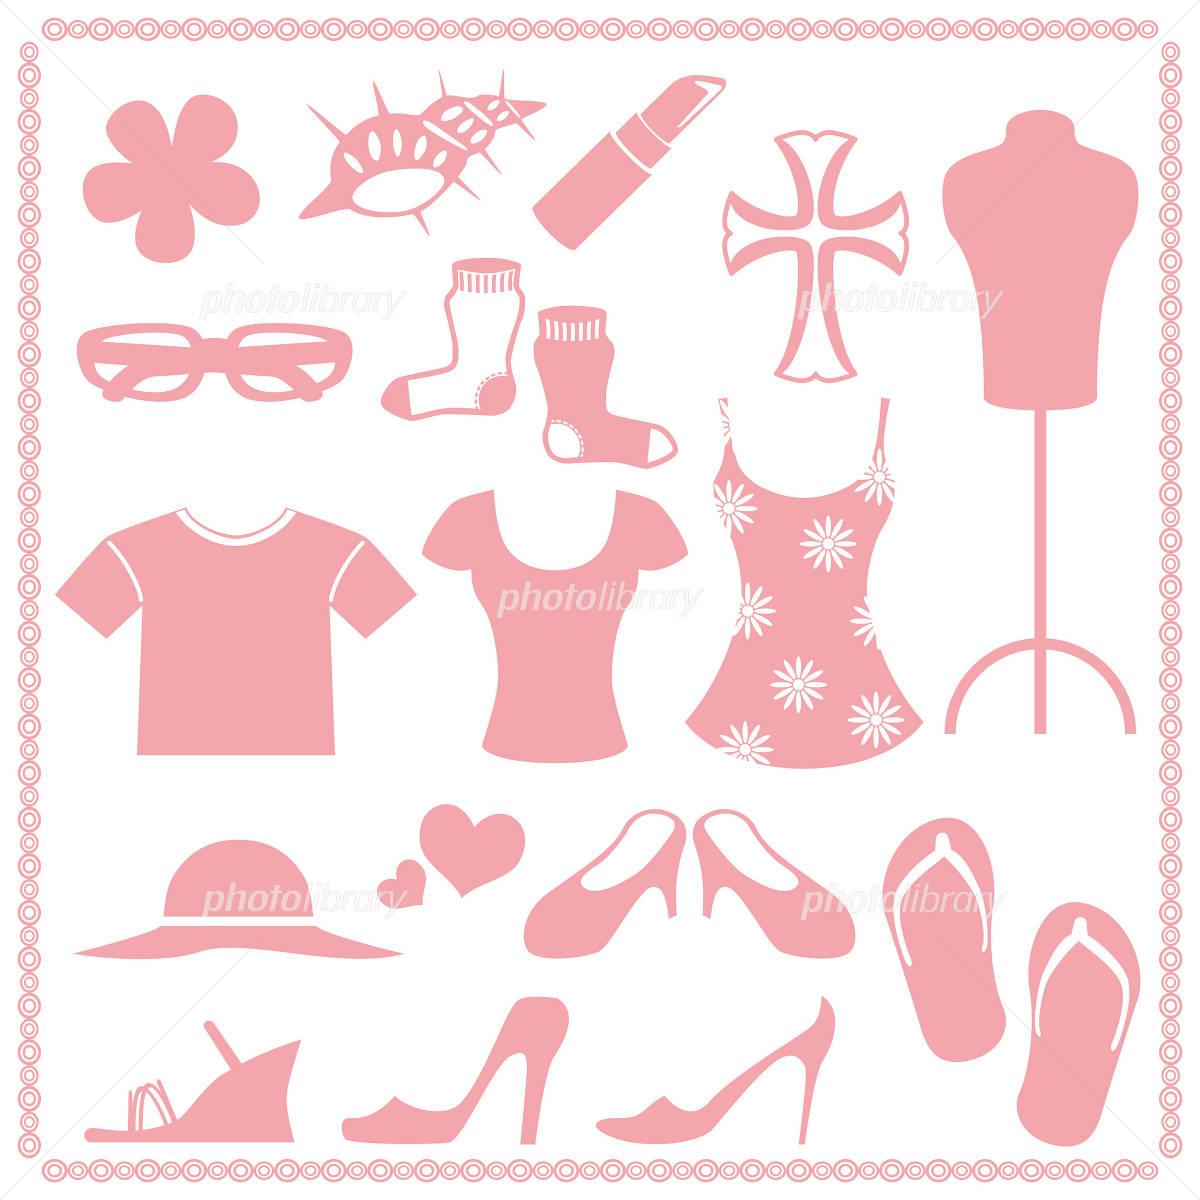 ファッションのイラスト素材